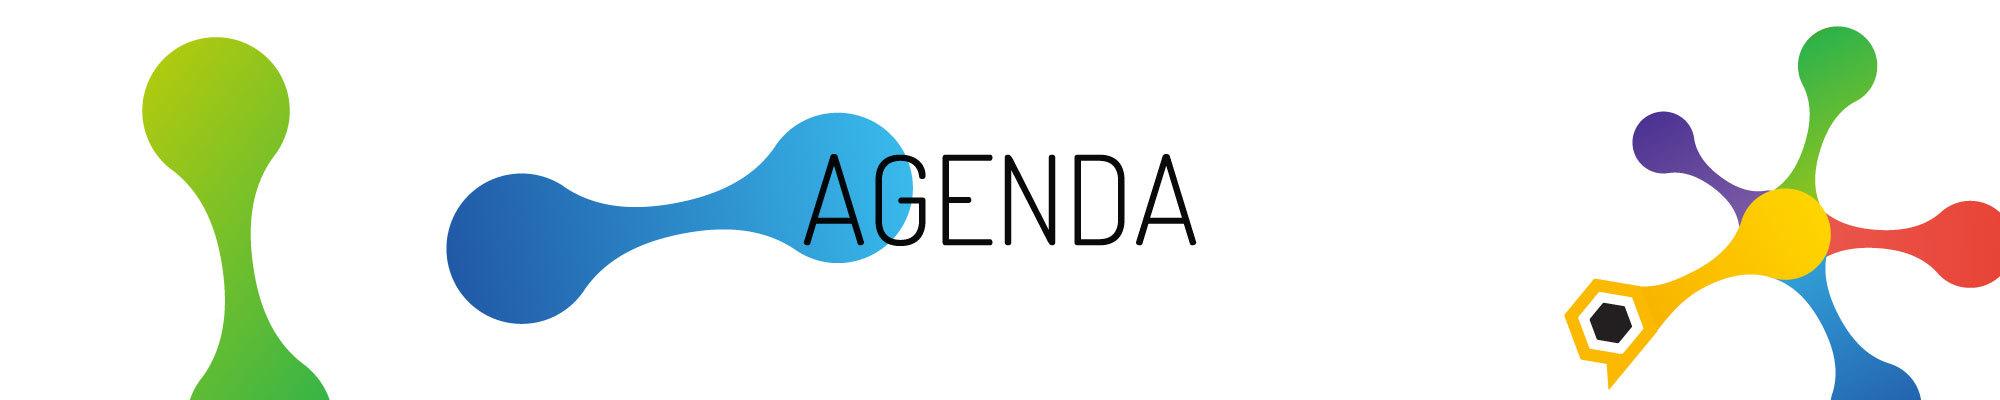 Agenda header